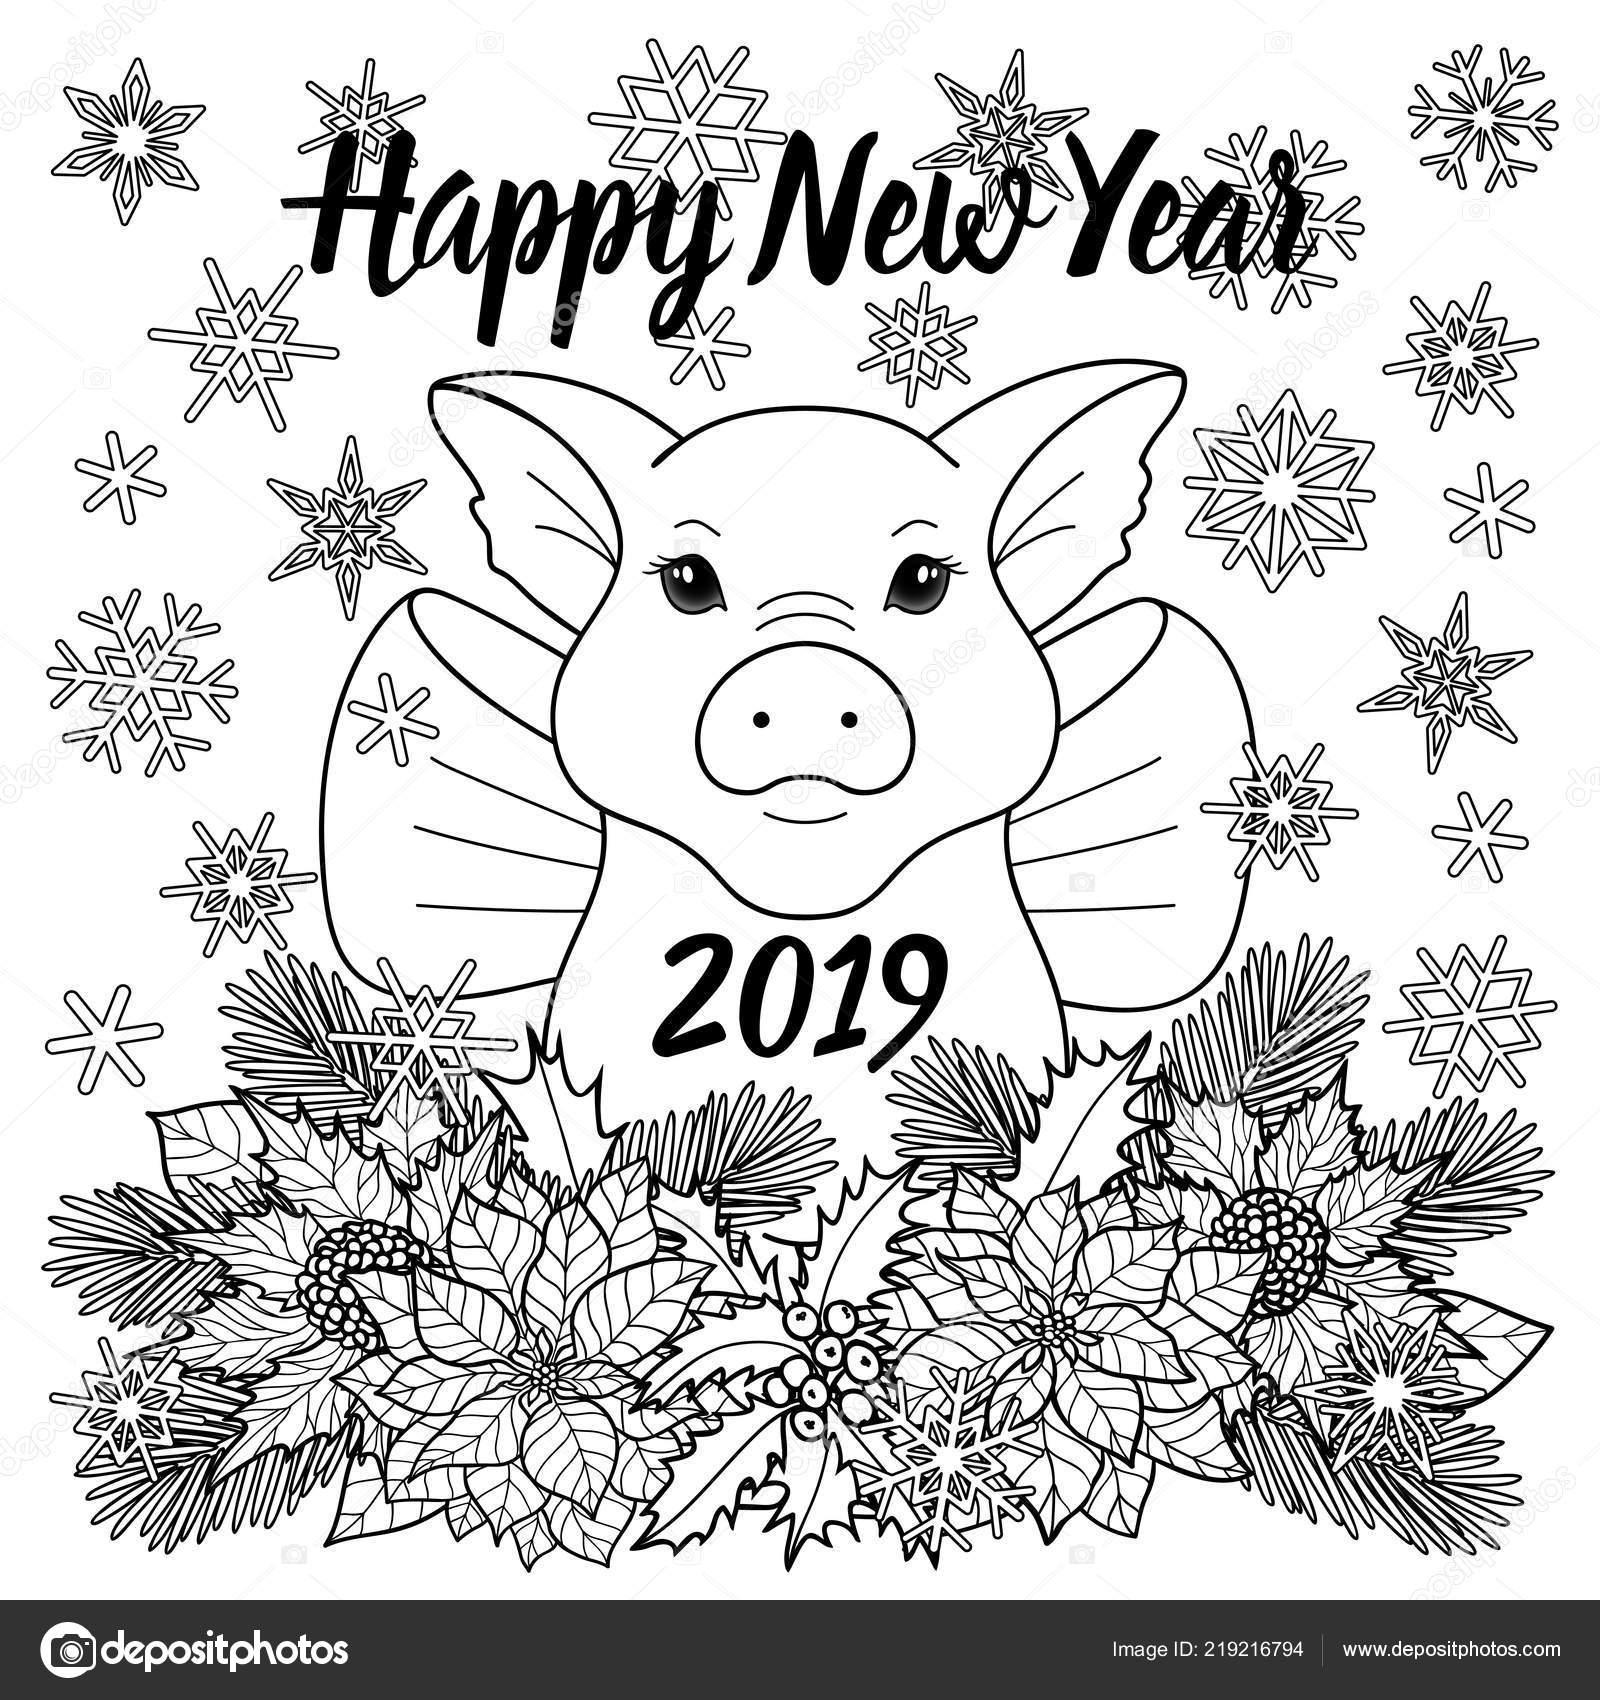 Mutlu Yeni Yıl 2019 Tebrik Kartı Ile Domuz Stok Vektör Kronalux